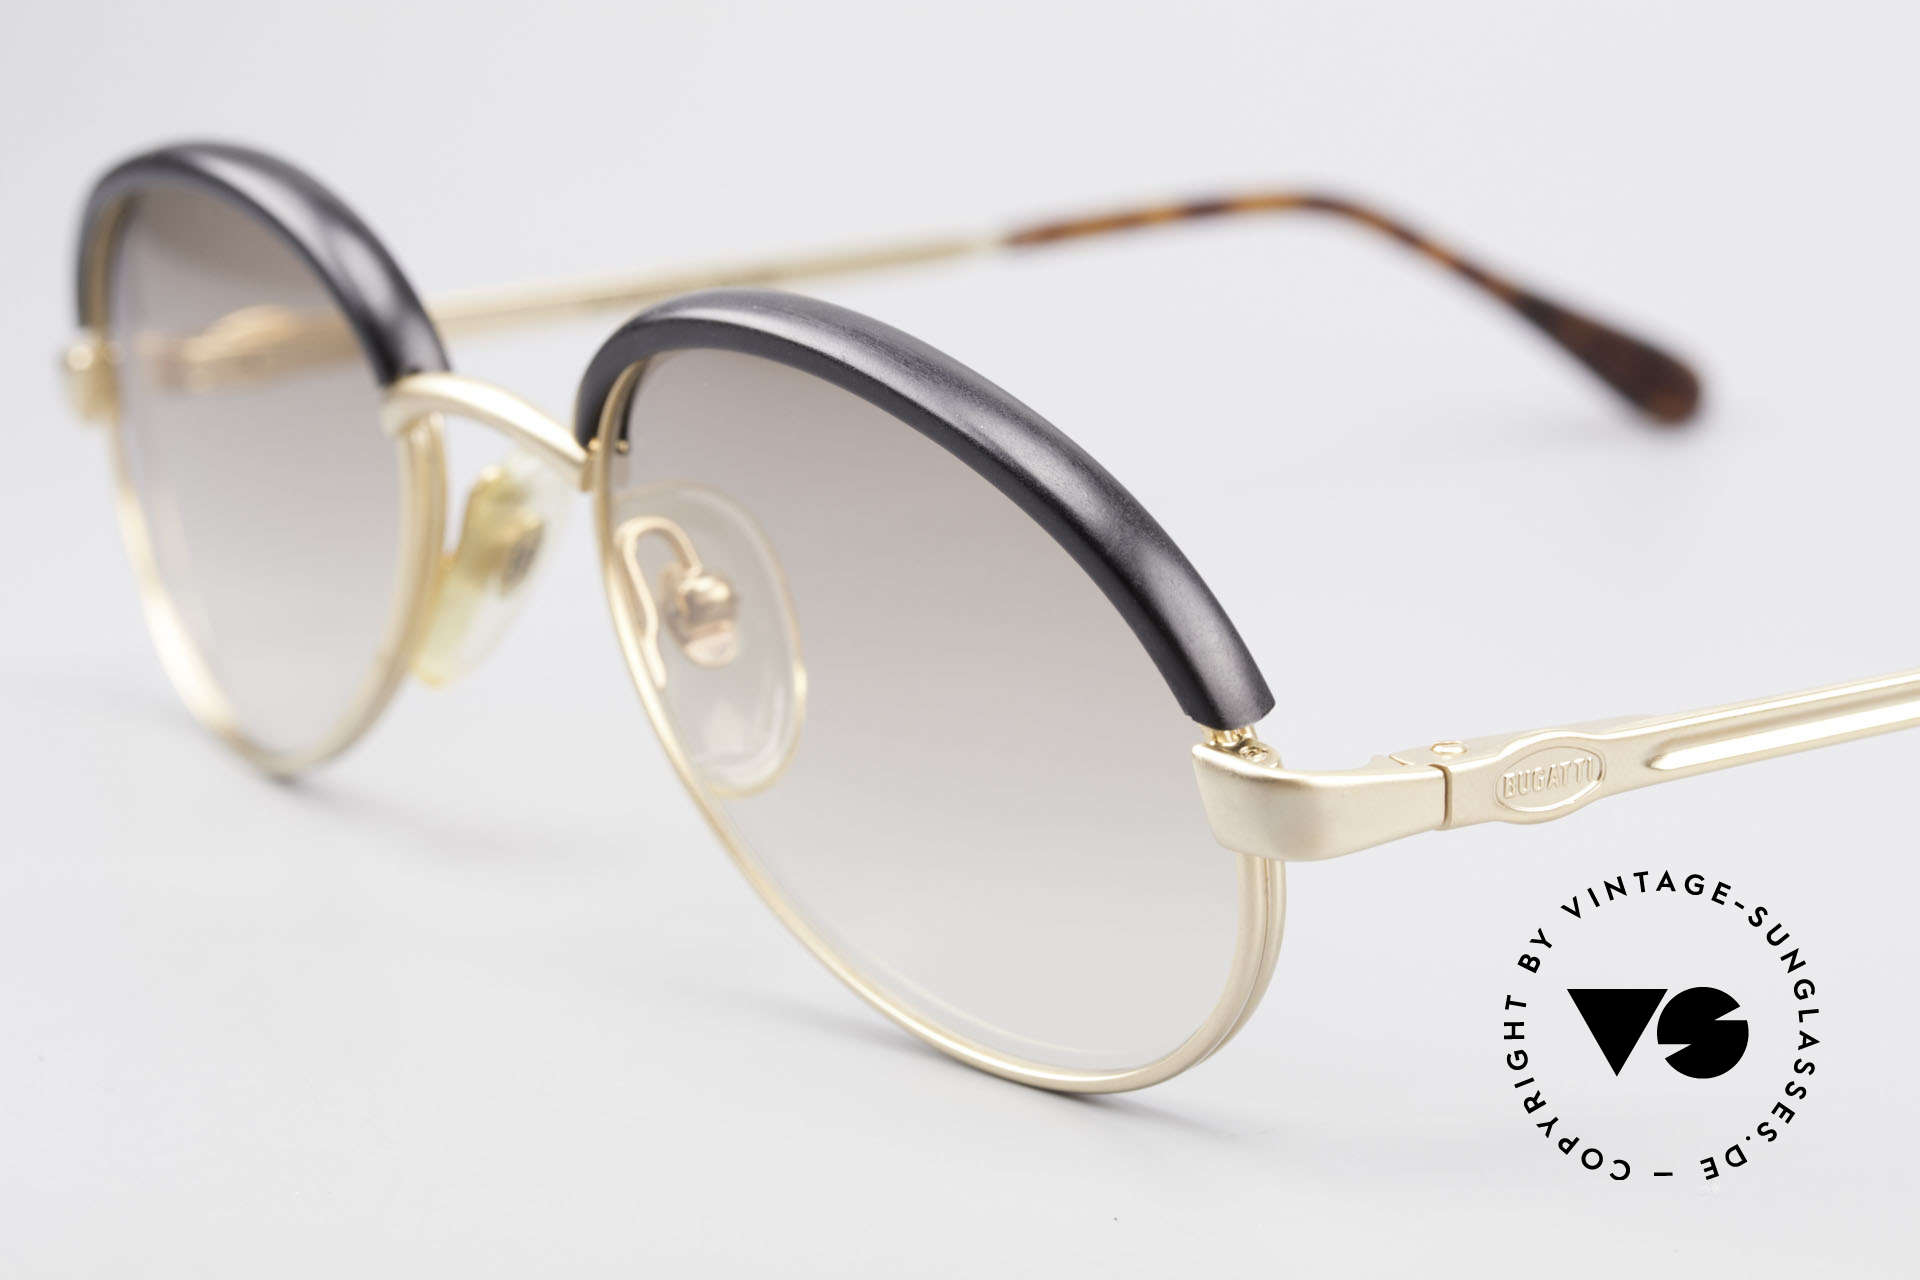 Bugatti 03180 Old Classic Bugatti Sunglasses, unworn (like all our vintage Bugatti sunglasses), Made for Men